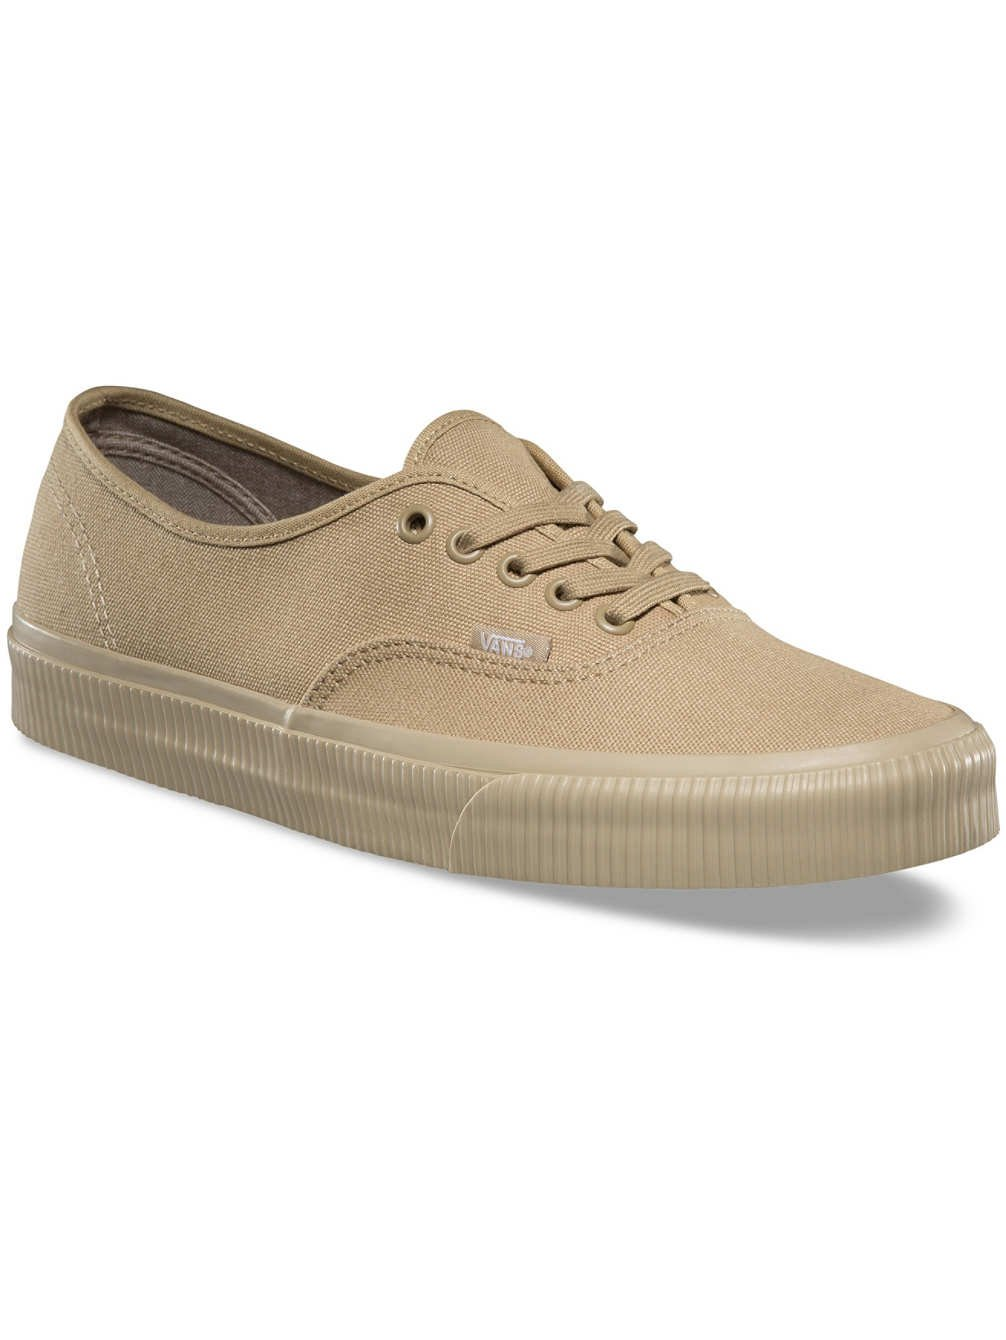 Vans Unisex Authentic Skate Shoe (11.5 D(M) US Mens/13.0 B(M) US Womens, (Mono Surplus) Khaki/Khaki) by Vans